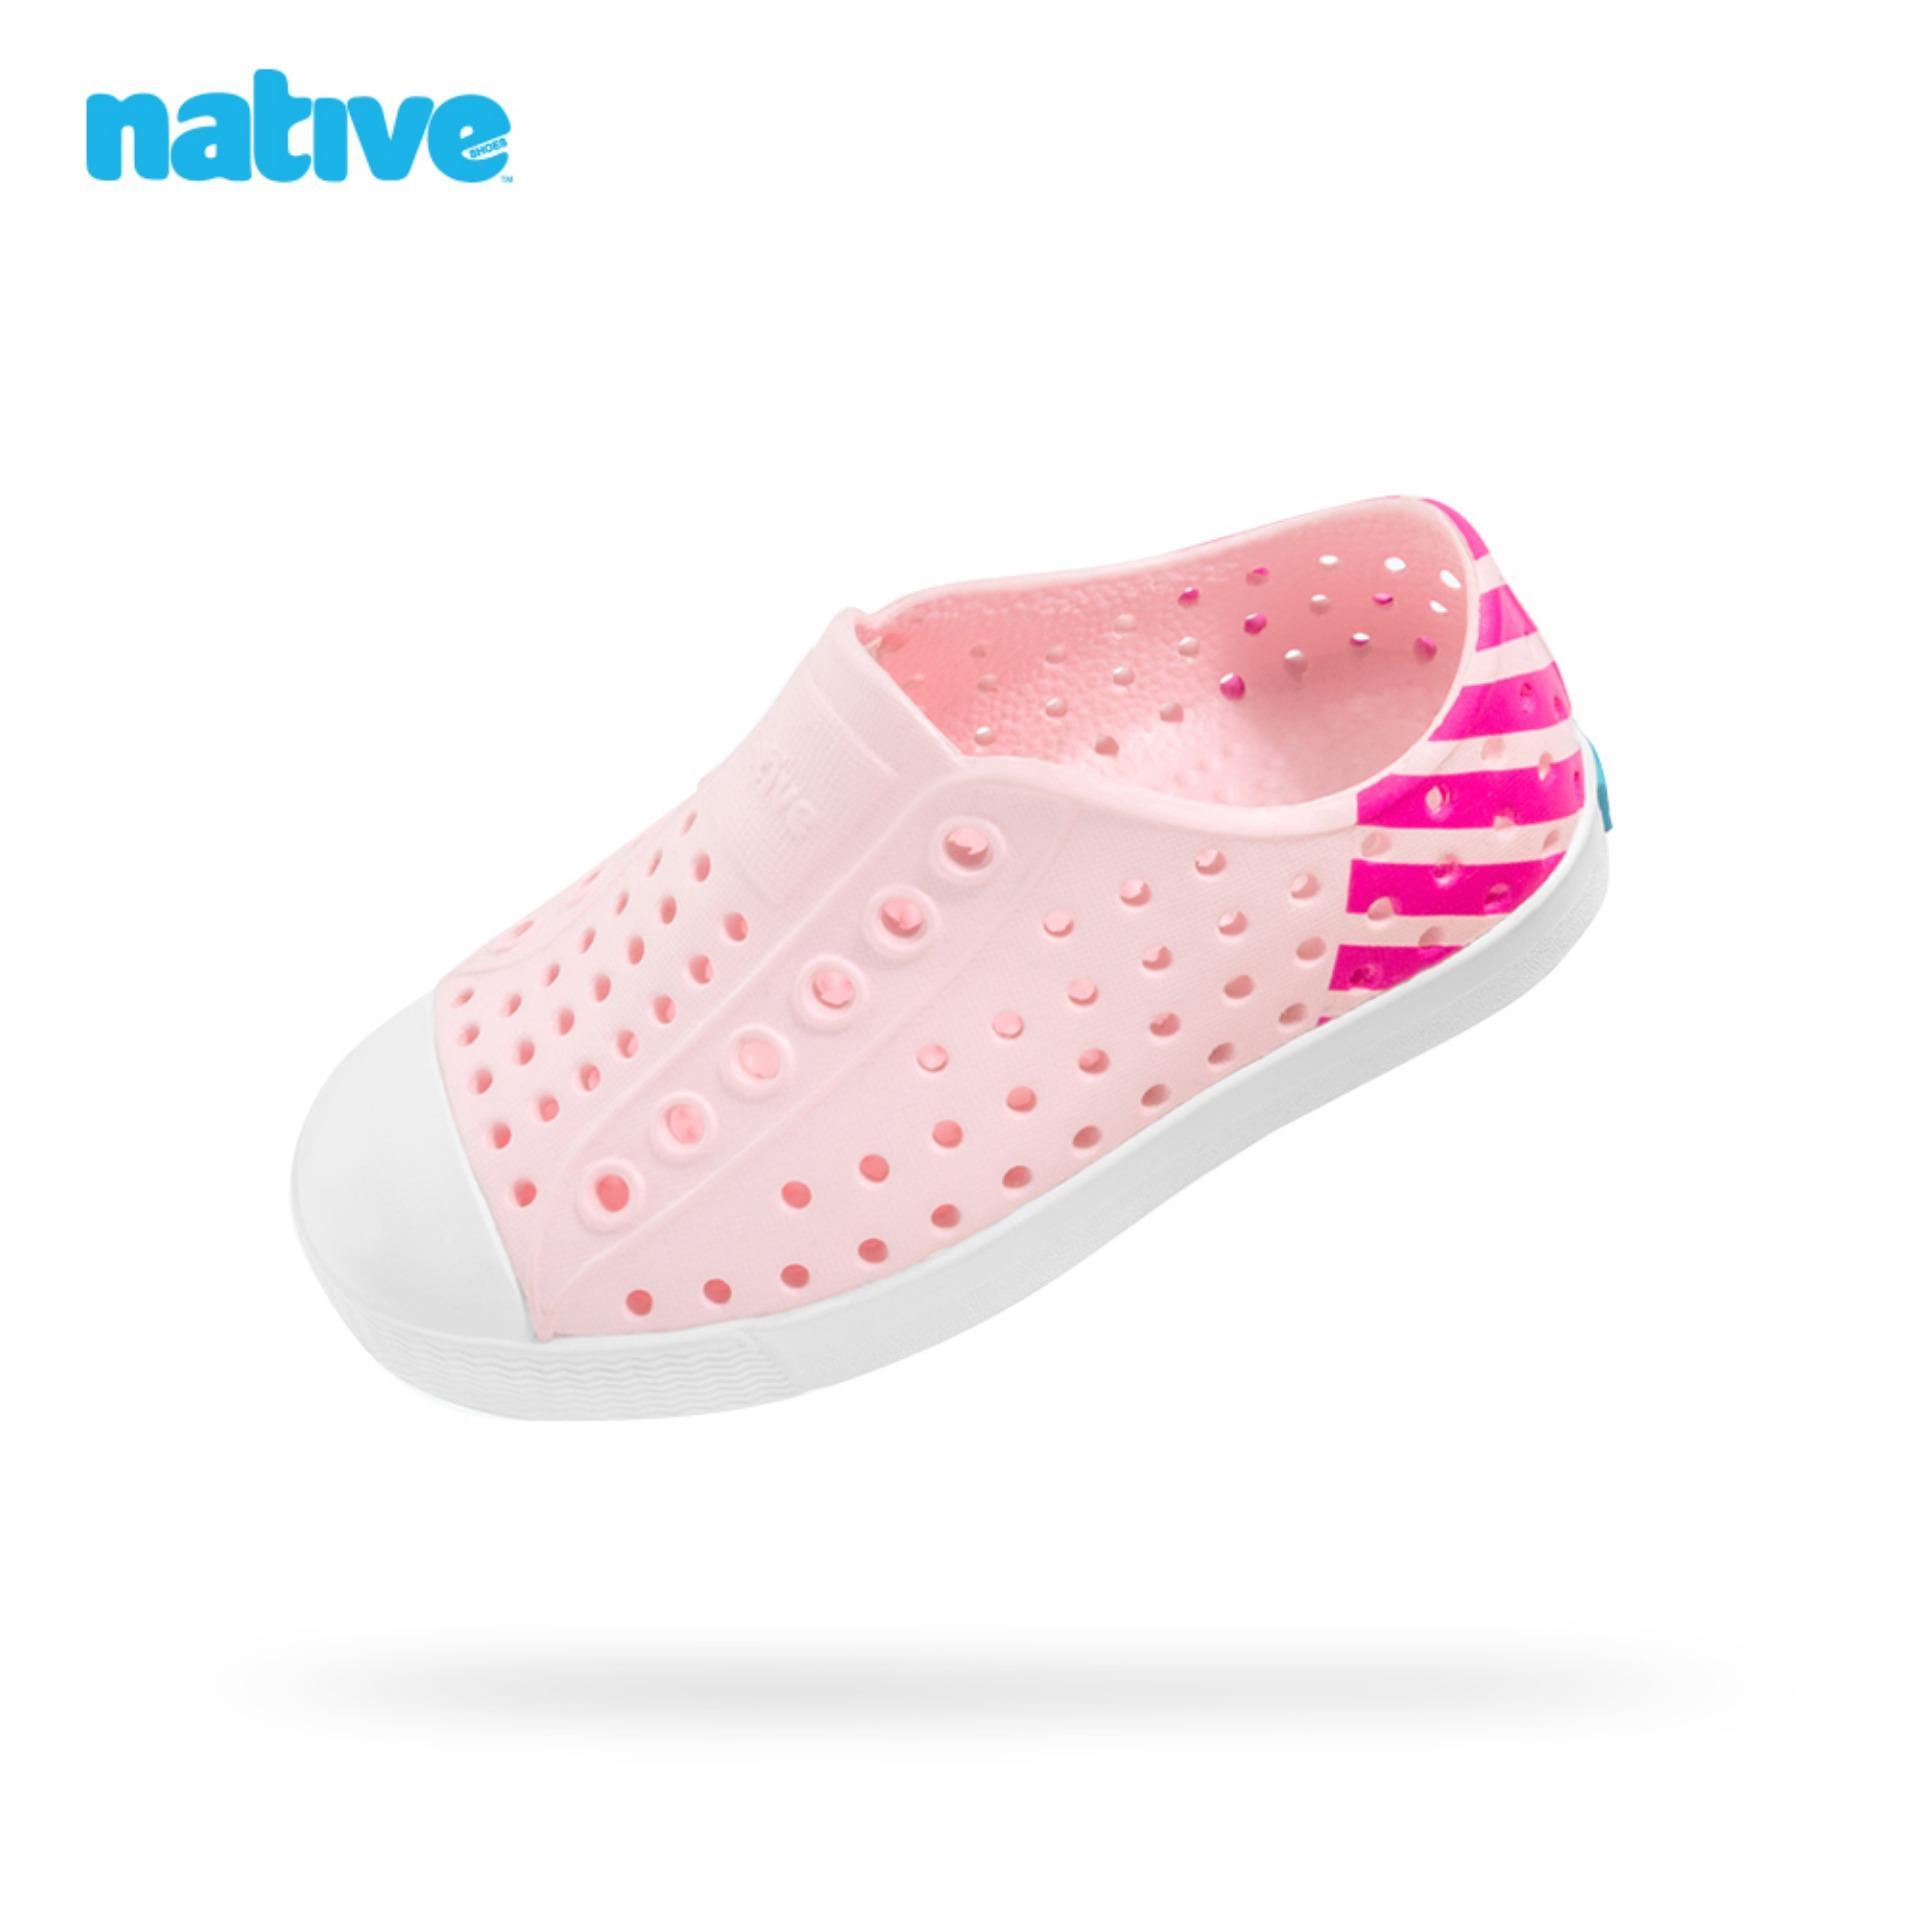 d05c1c2592389 Native Kids' Shoes Jefferson Block Child EVA